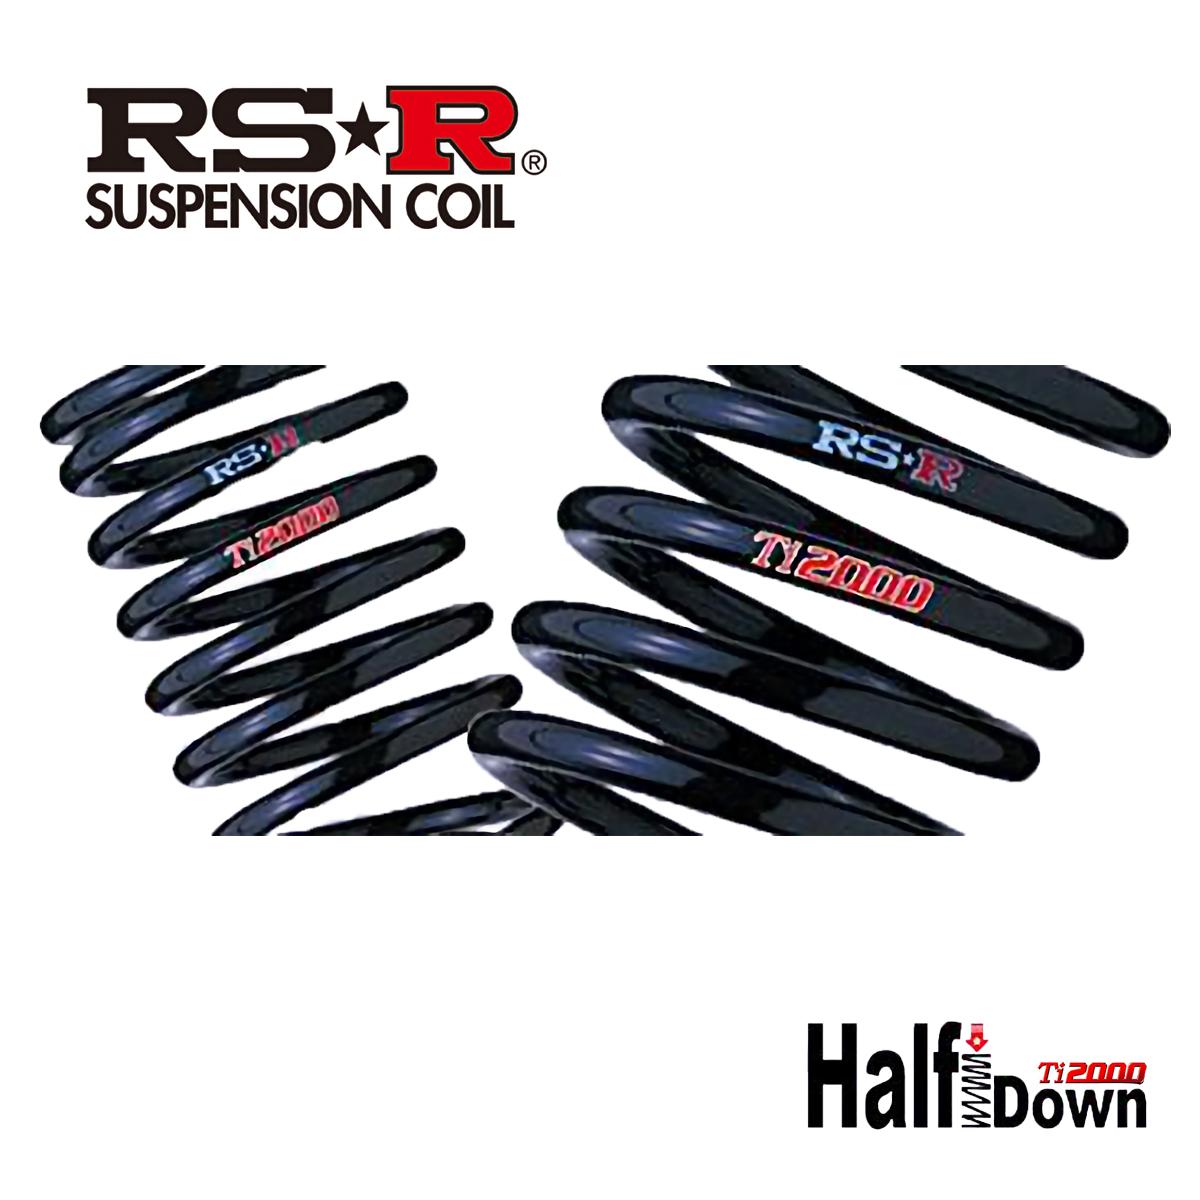 RS-R N BOXプラスカスタム G・ターボパッケージ JF2 ダウンサス スプリング リアのみ H407TDR Ti2000 ダウン RSR 個人宅発送追金有